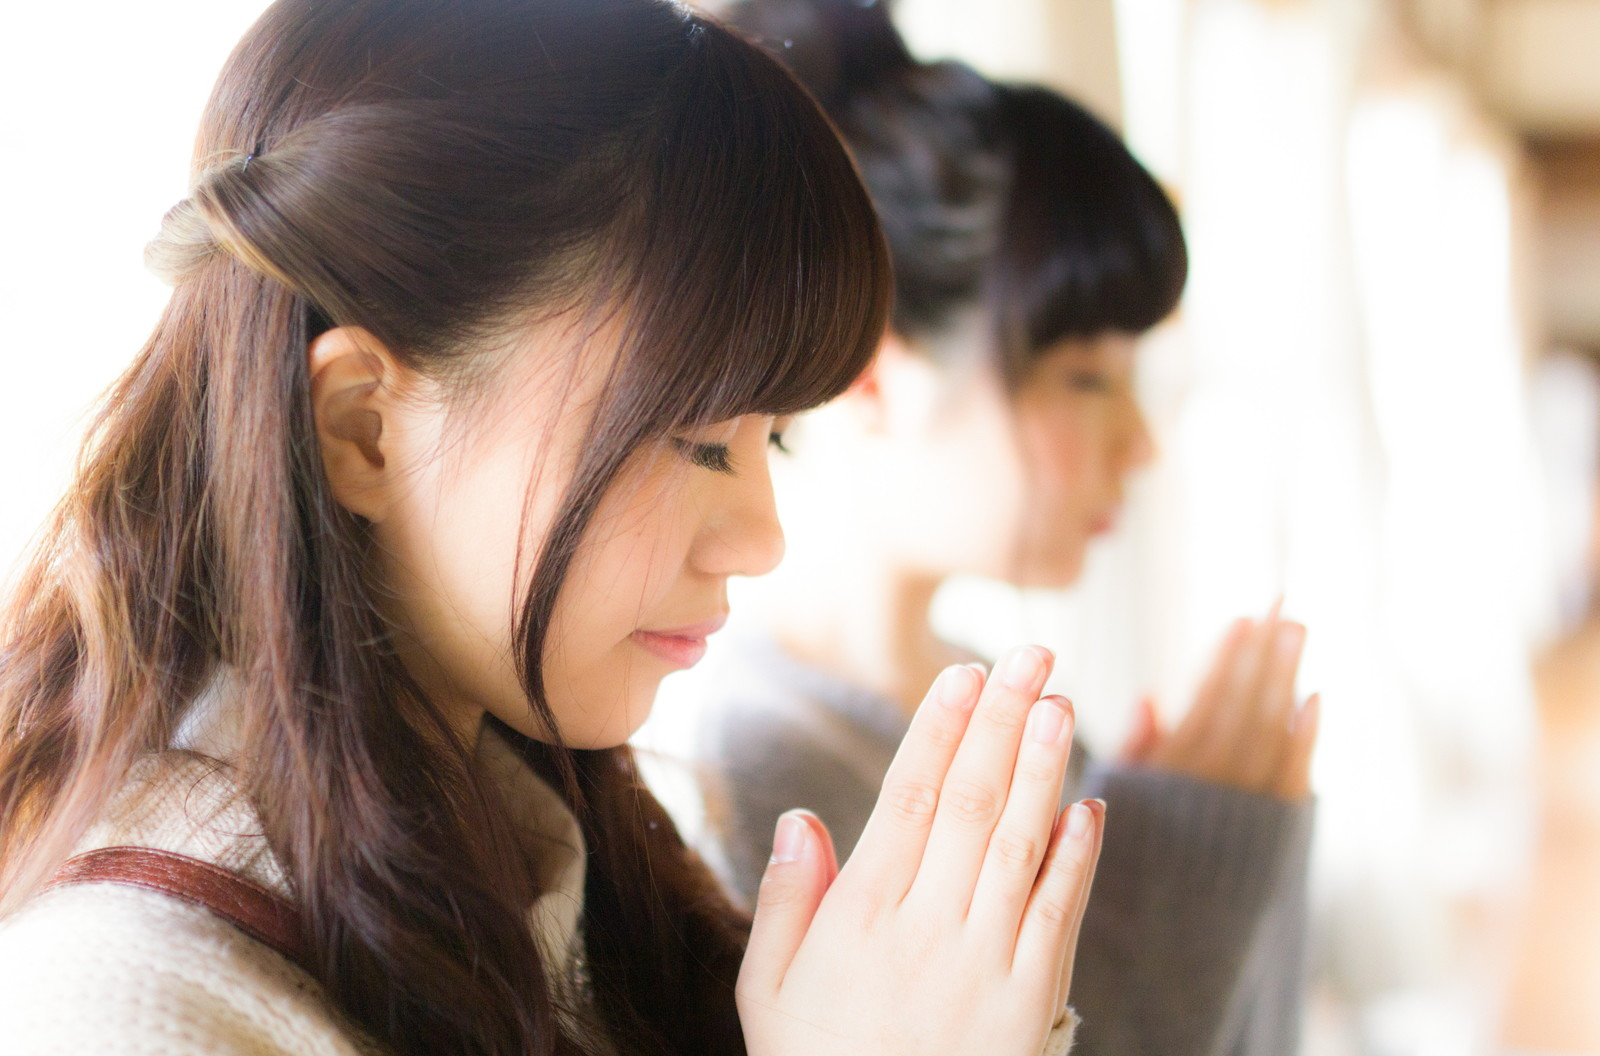 「合格祈願をする受験生合格祈願をする受験生」[モデル:河村友歌 渡辺友美子]のフリー写真素材を拡大